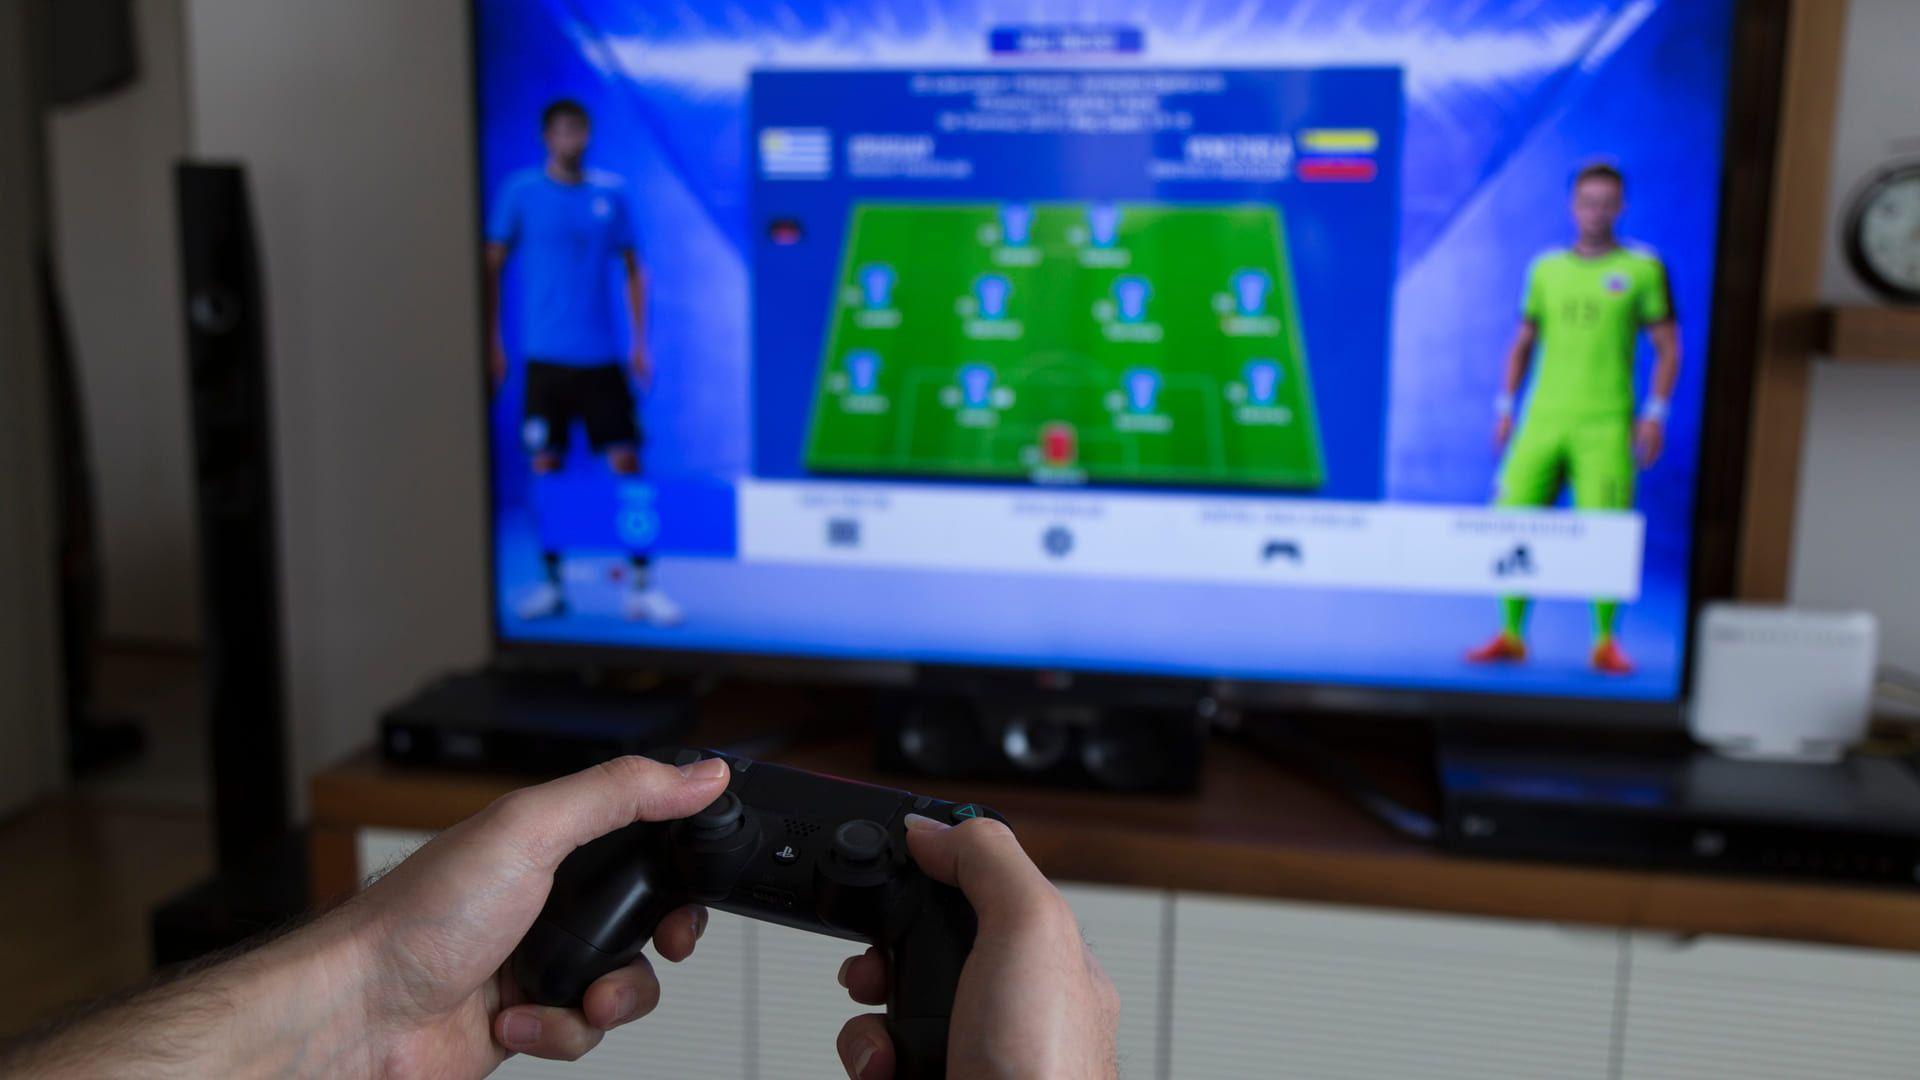 Homem jogando com controle de PS4 com jogo de futebol sendo exibido em TV no fundo desfocado da tela